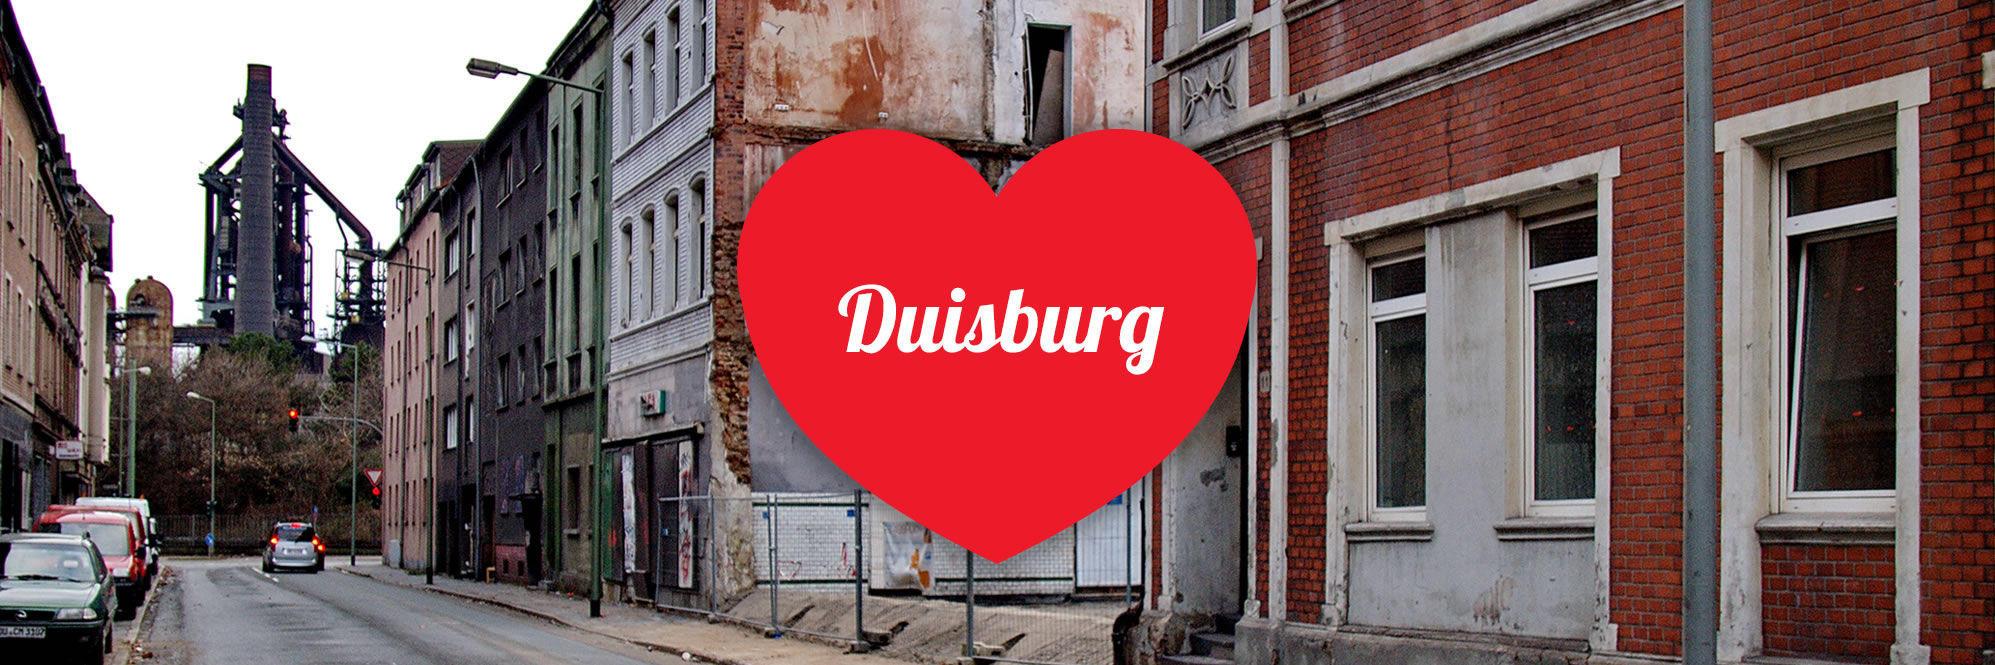 Duisburg mit Herz